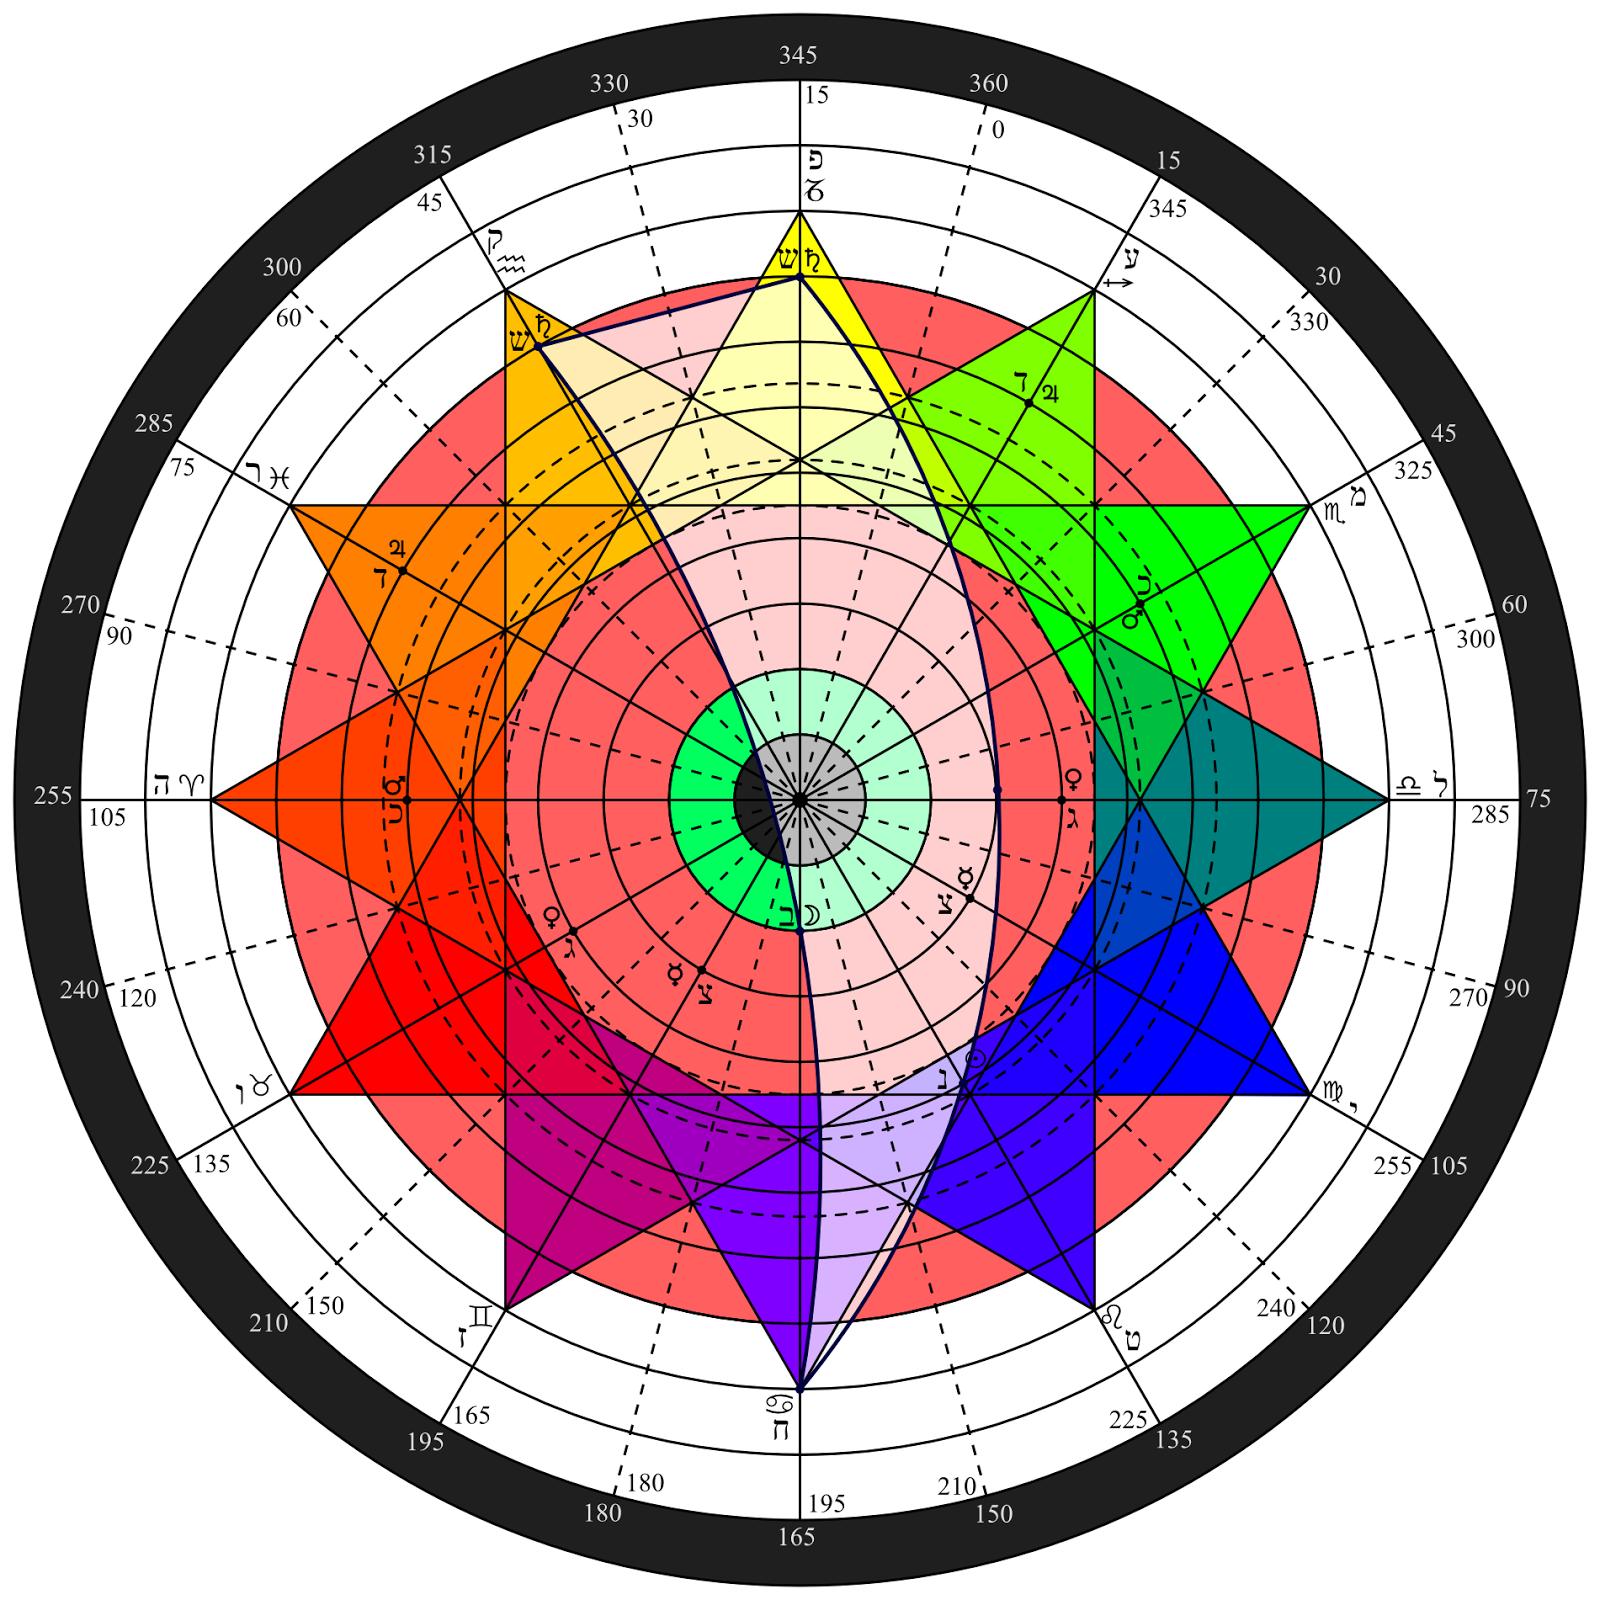 Le cercle (symbolisme) Faux%2Bde%2BSaturne%2Bfinal